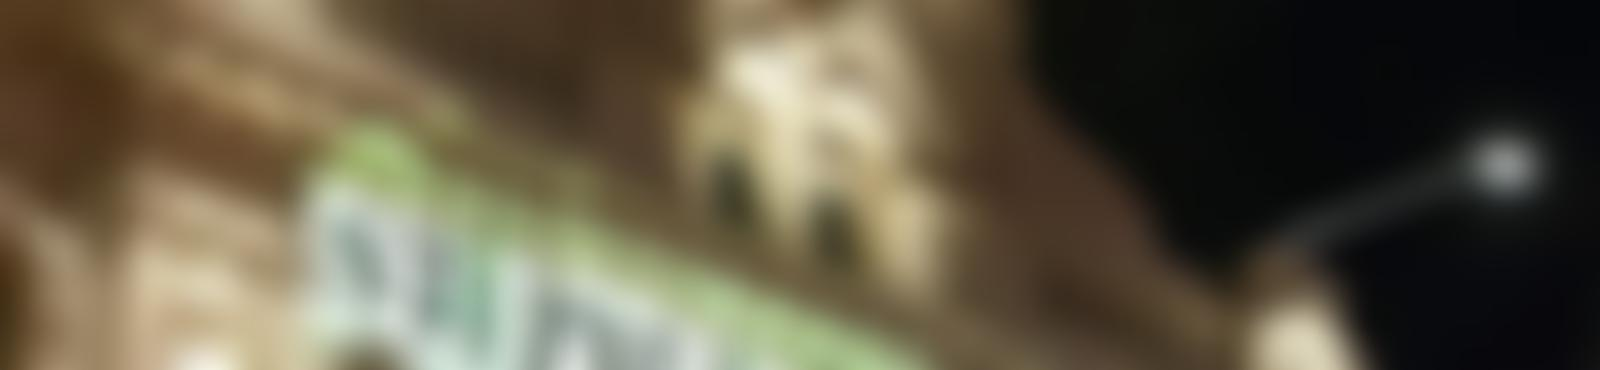 Blurred 795a49ac 51b3 4931 a092 09829cea1af2